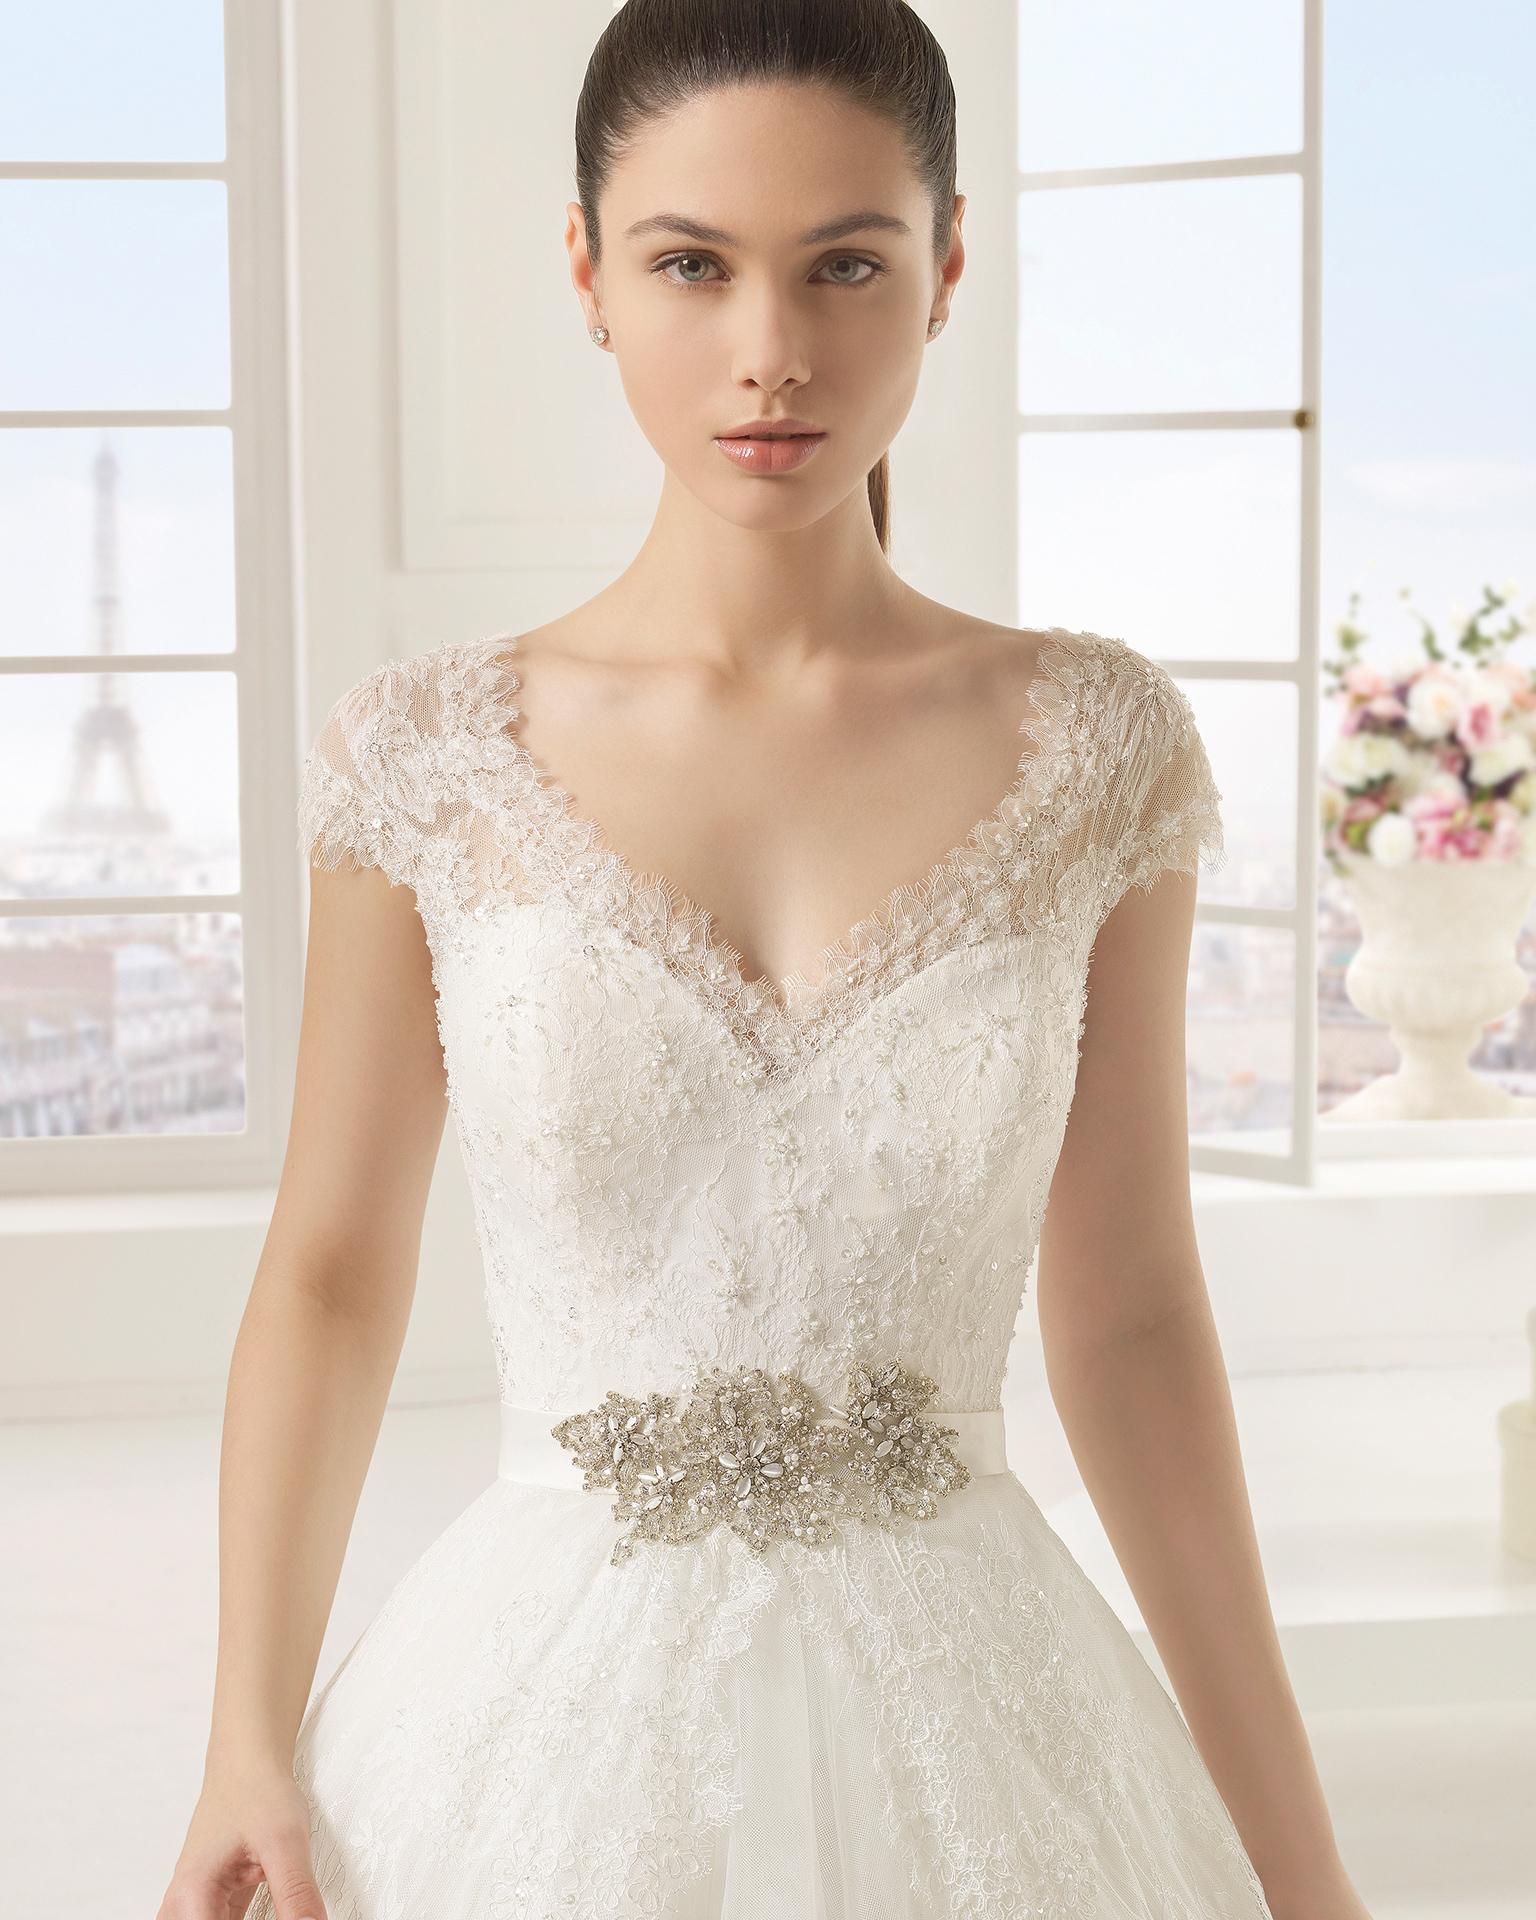 Exotico (38, тюль/кружево/бисер, natural) Свадебное платье Rosa Clara в Одессе. Свадебный салон Скоро Свадьба.